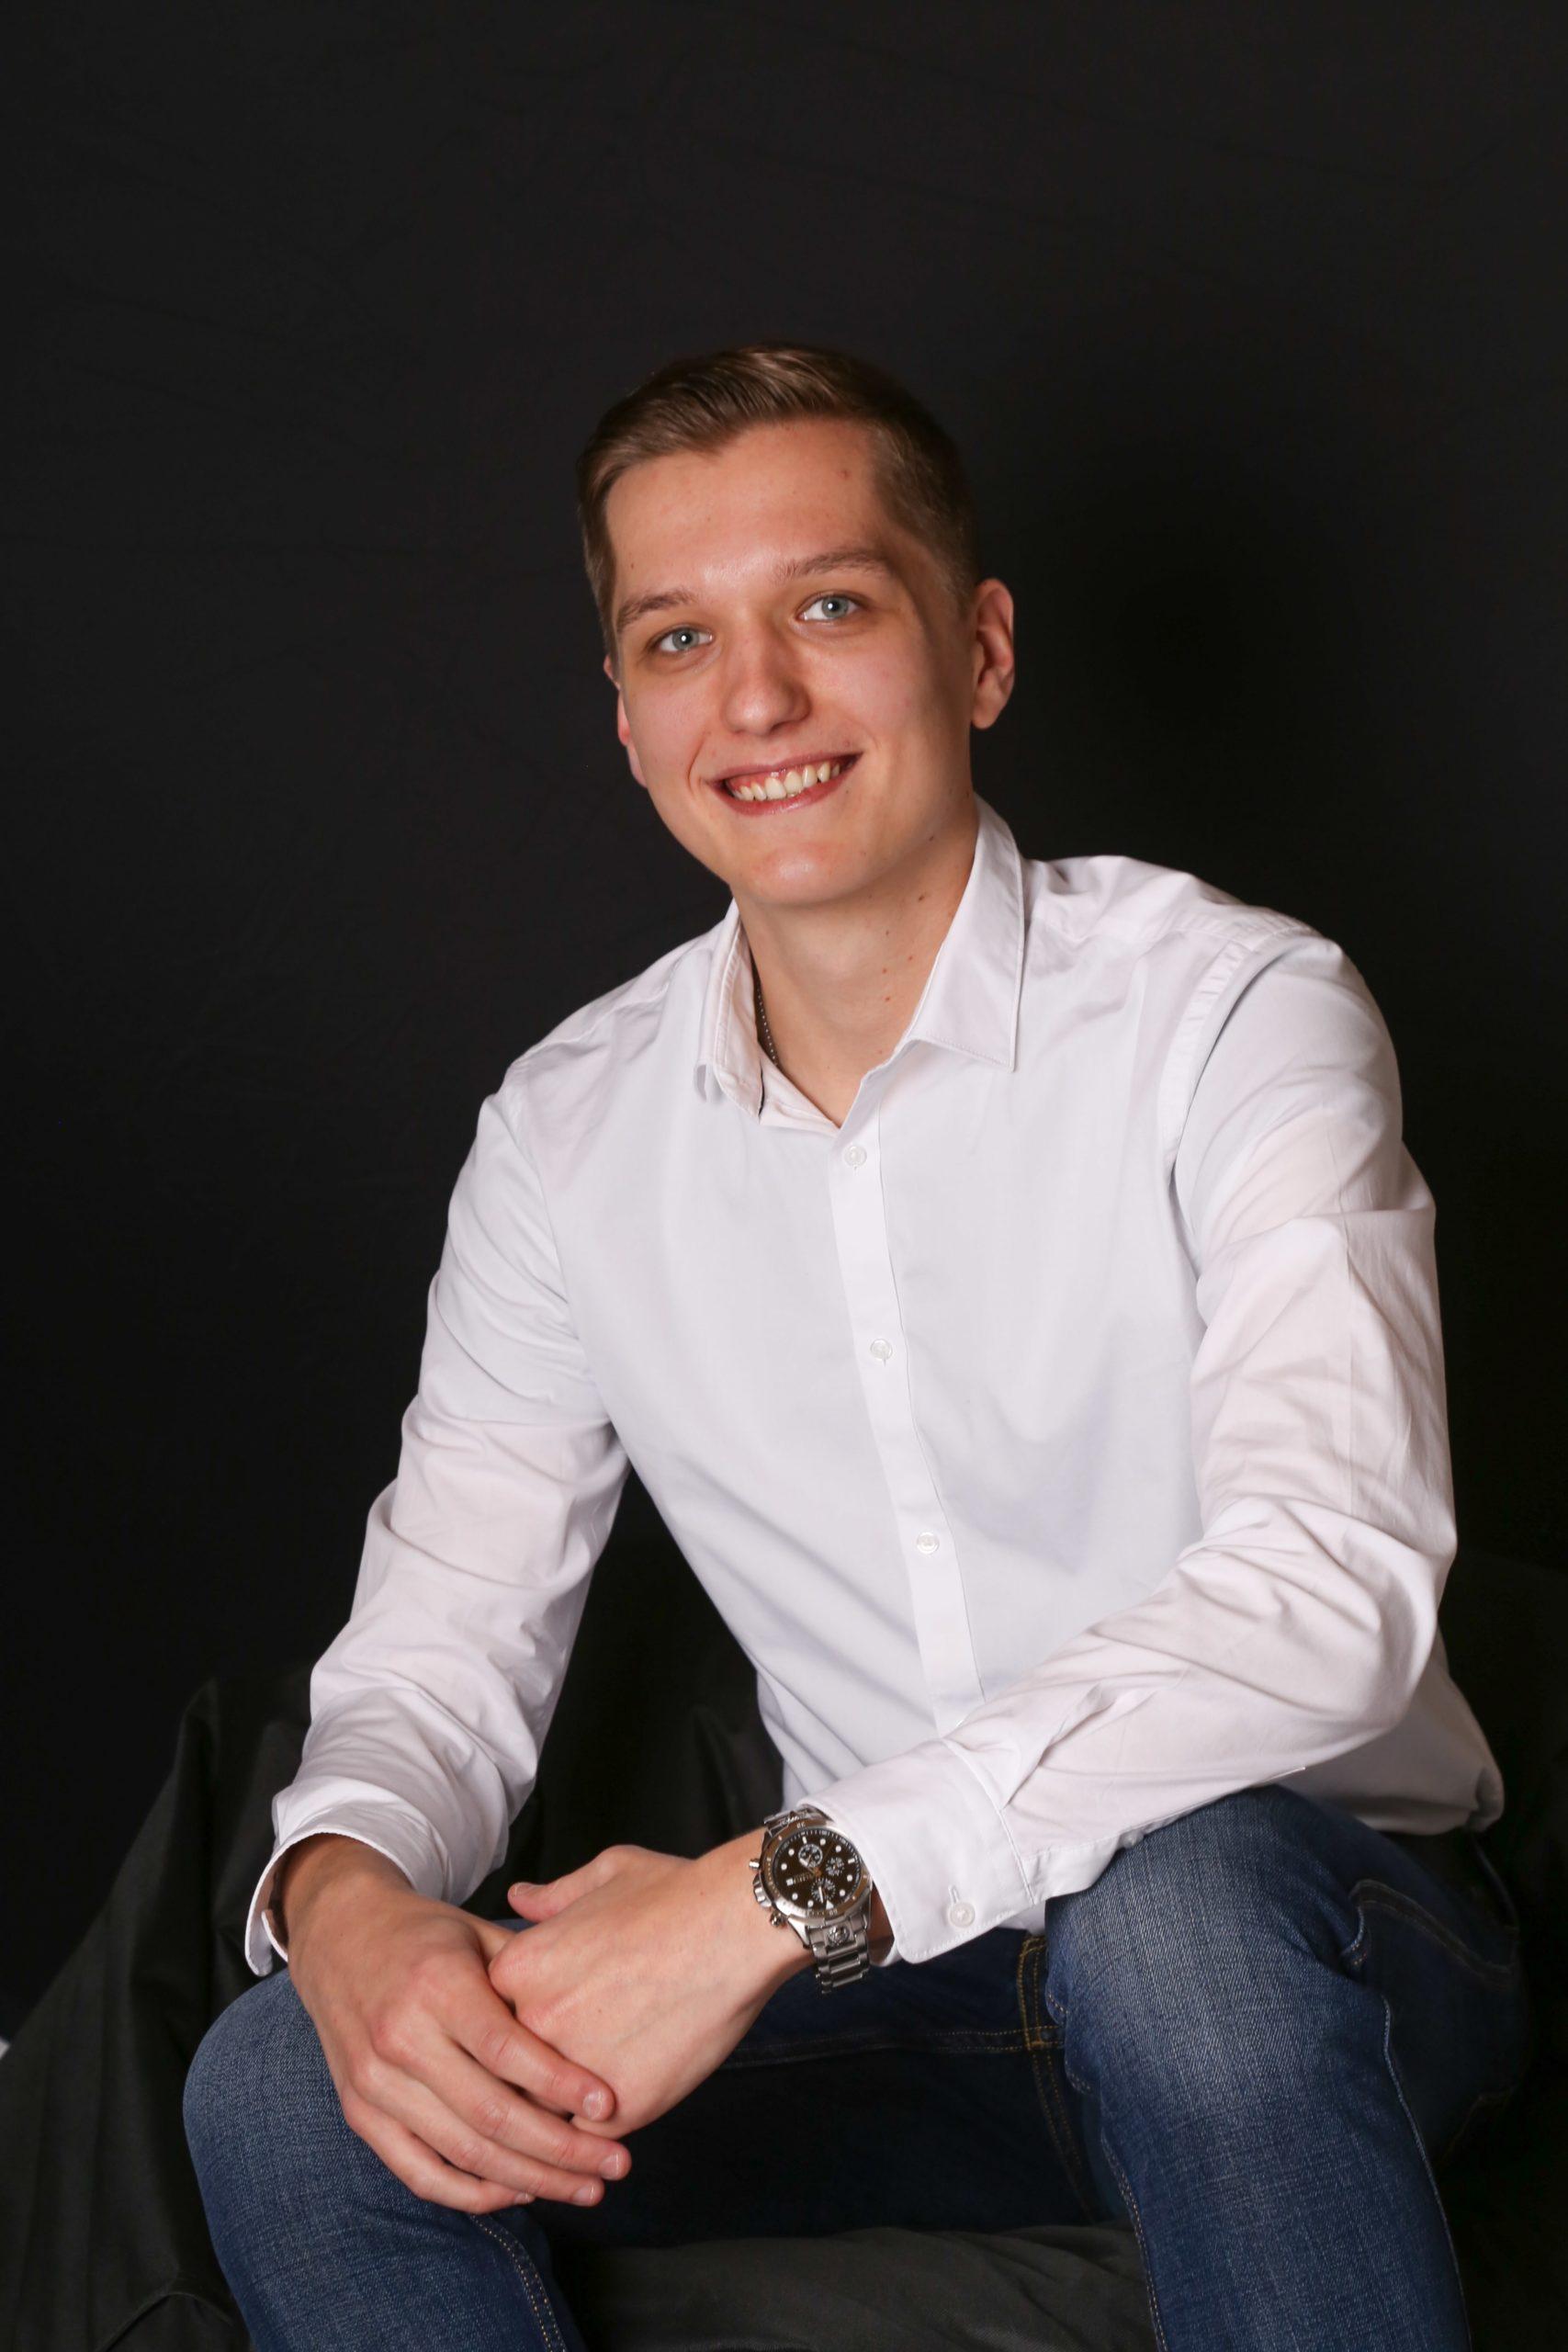 Yannick Steinkamp